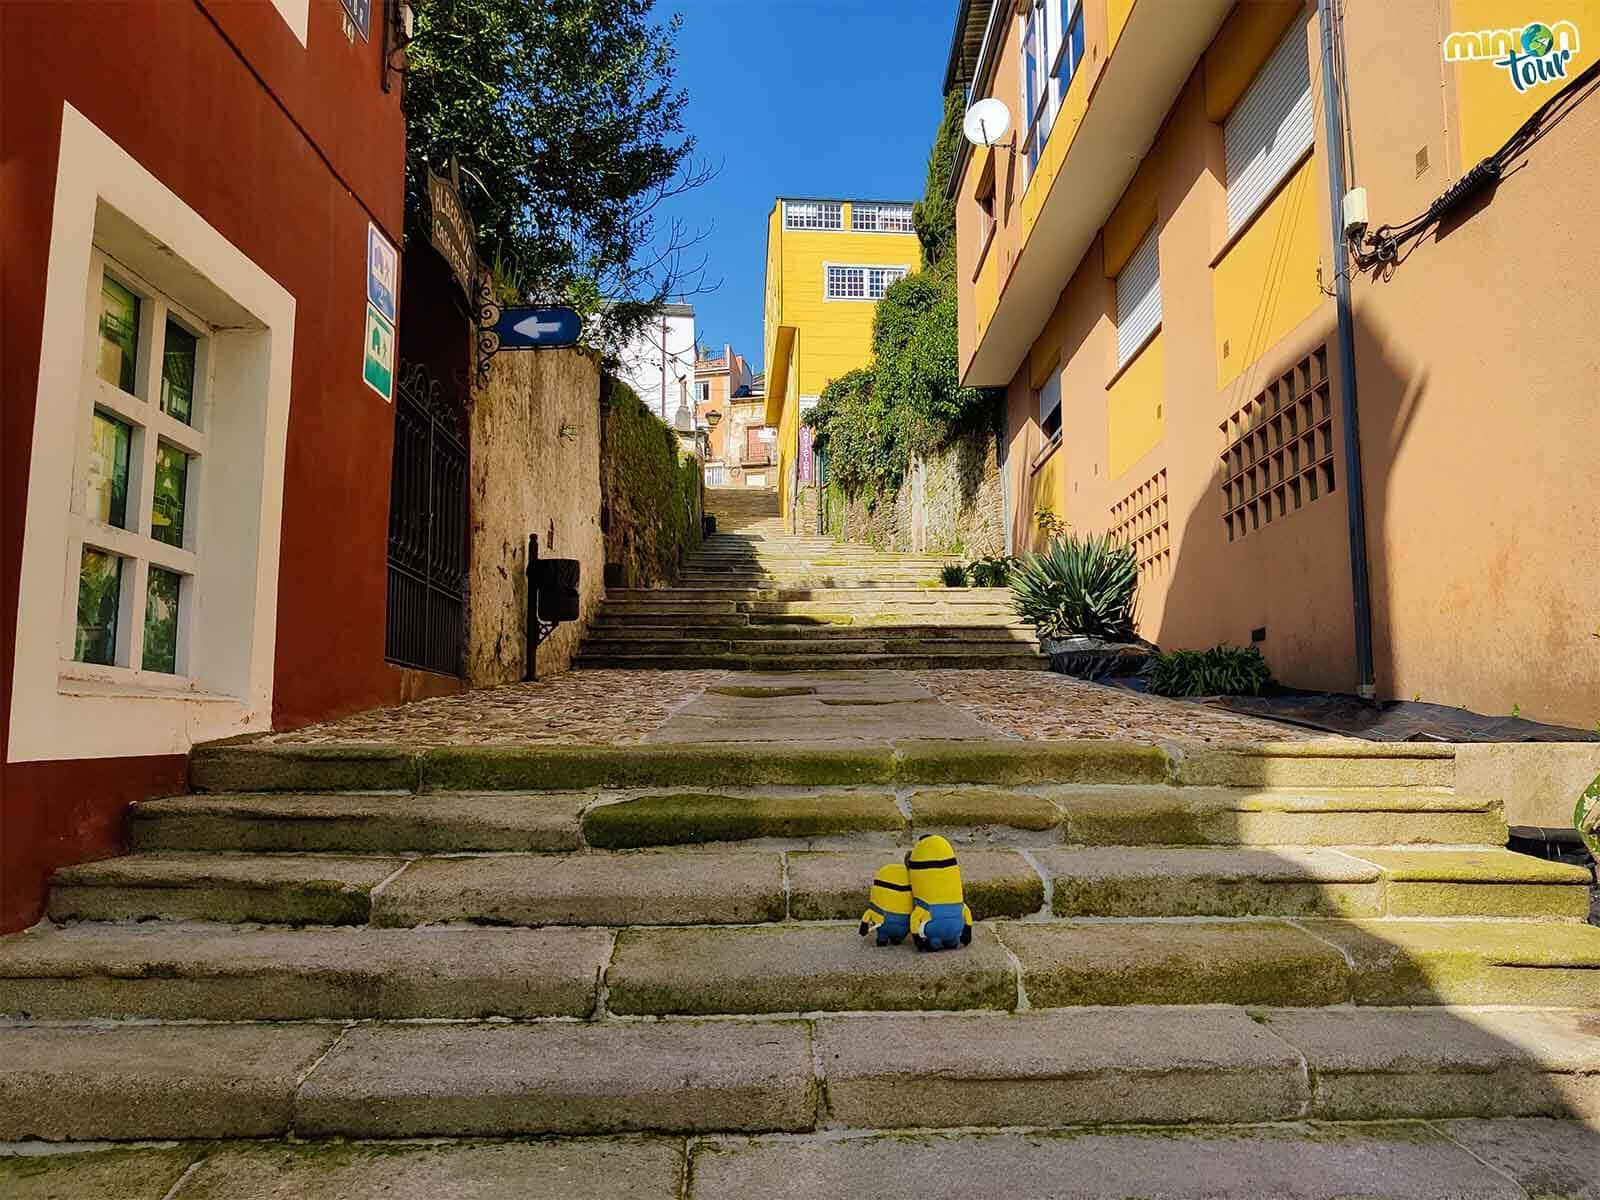 Empezamos nuestra visita a Sarria subiendo la Escalera da Fonte